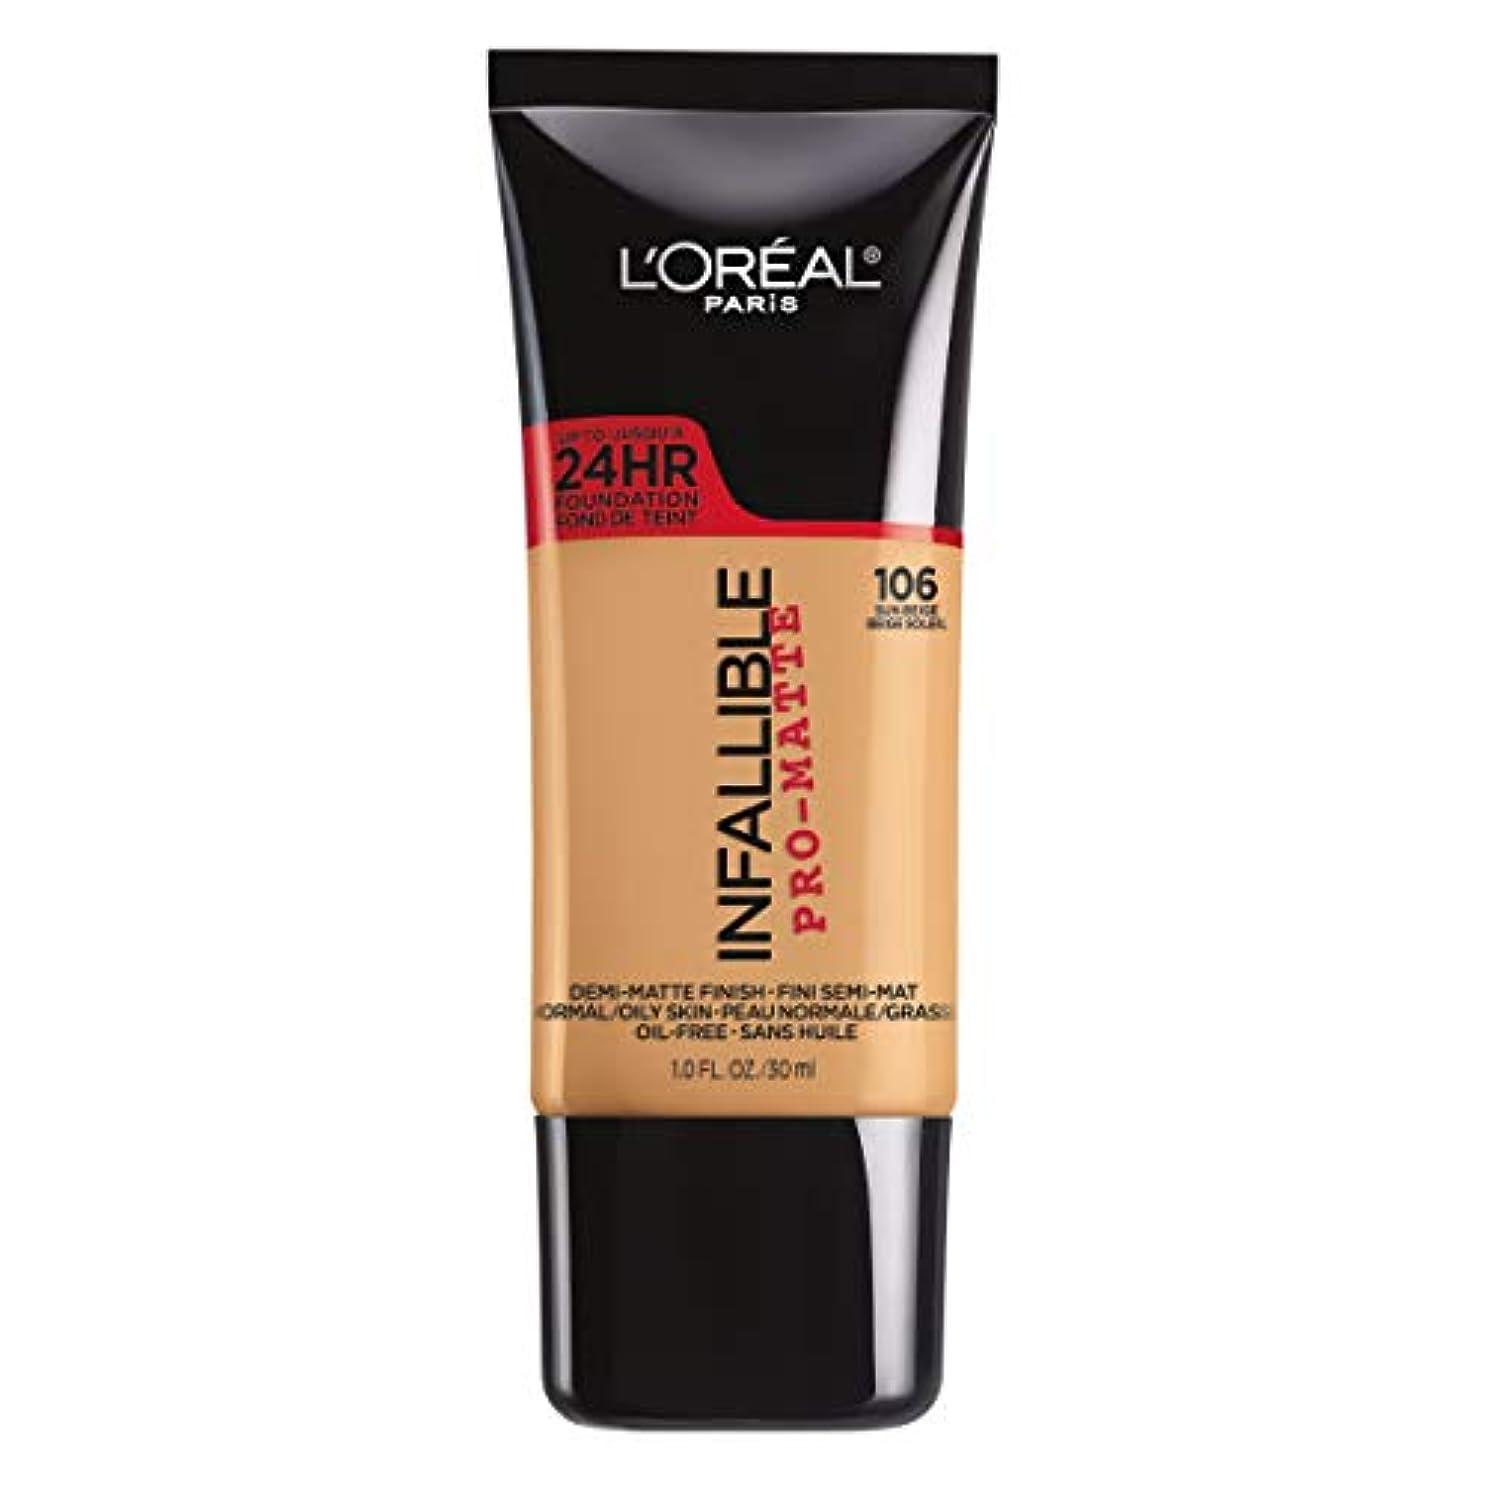 選出する米国リゾートL'Oreal Paris Infallible Pro-Matte Foundation Makeup, 106 Sun Beige, 1 fl. oz[並行輸入品]